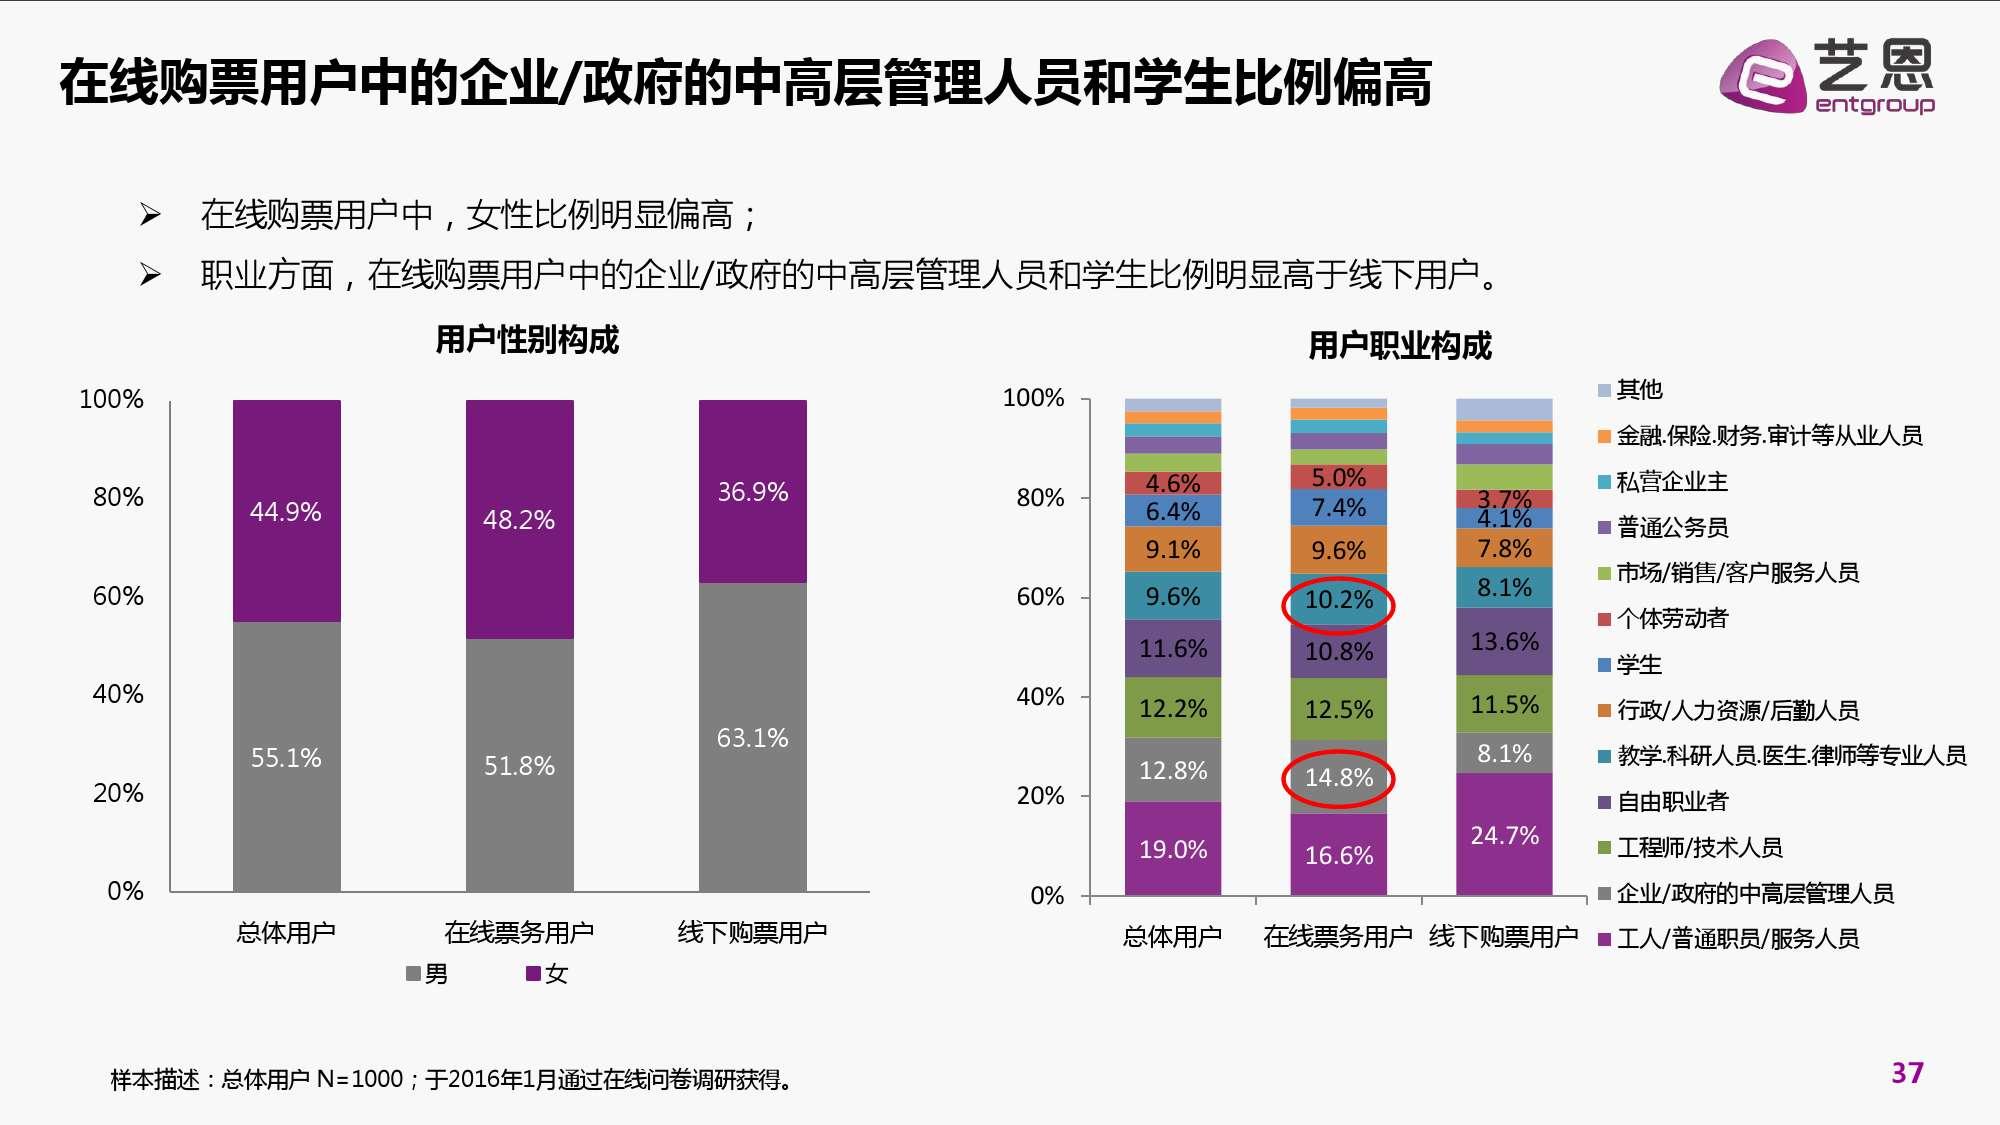 2016年中国电影在线票务市场研究报告_000037